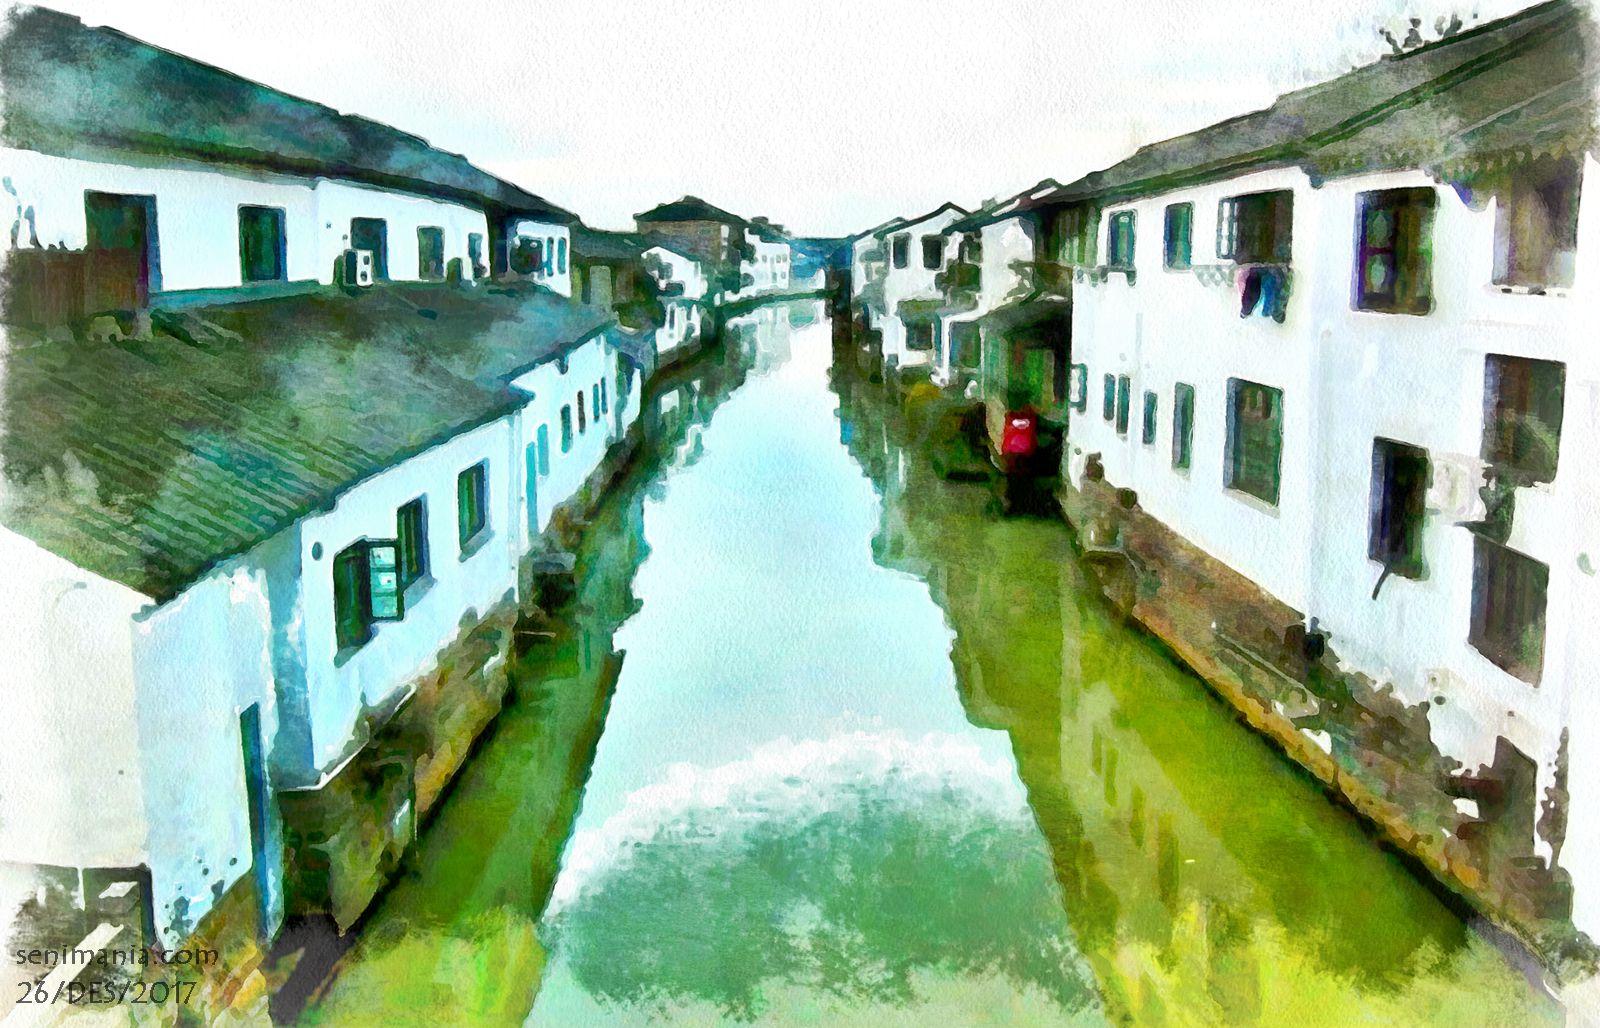 Gratis Download Gambar Lukisan Rumah Dipinggir Sungai Ukuran 4K Wallpaper